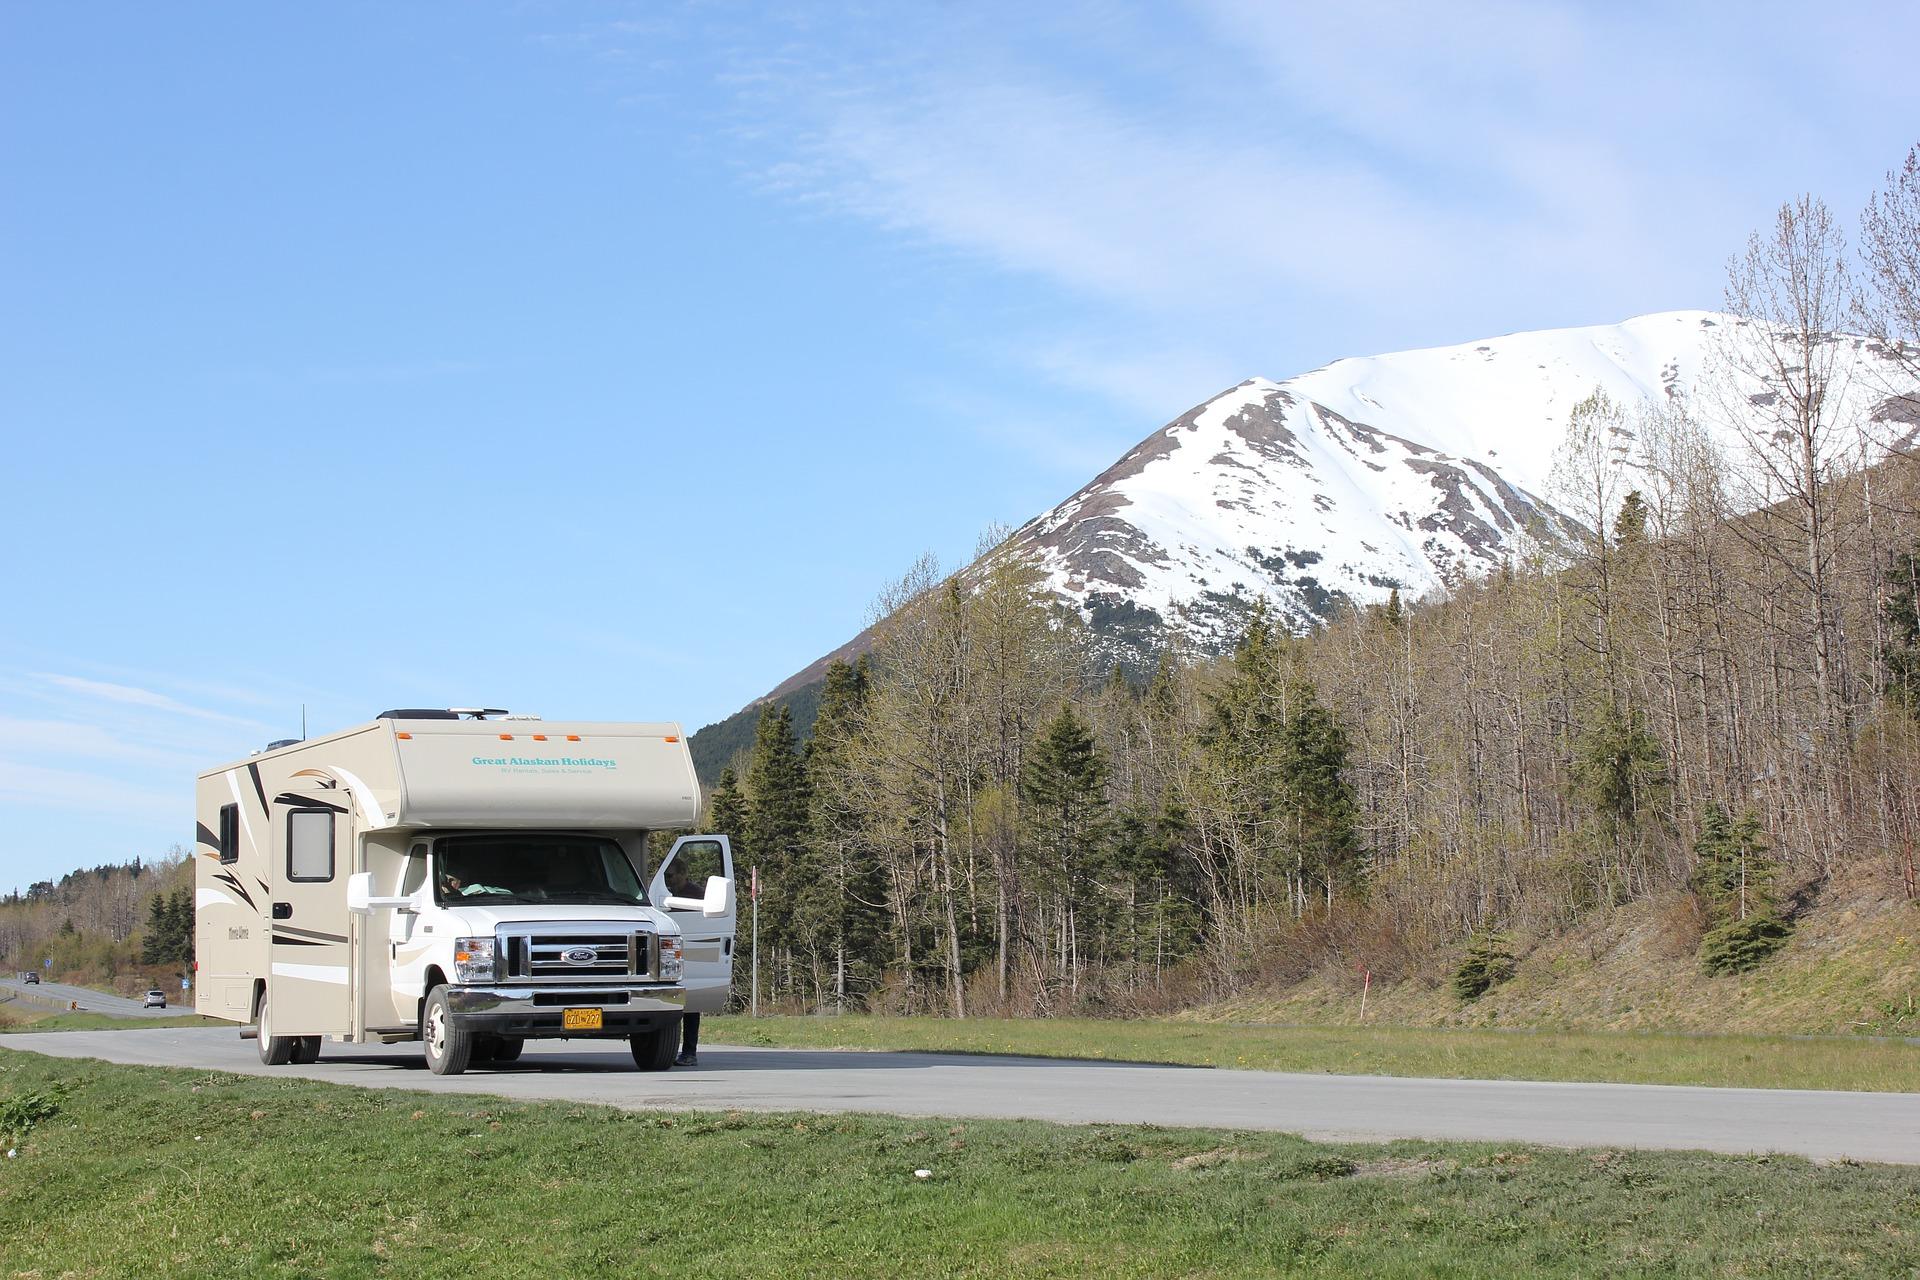 アラスカ - 海外旅行が楽しくなる!RVでの旅行前に知っておきたい重要ポイントを紹介